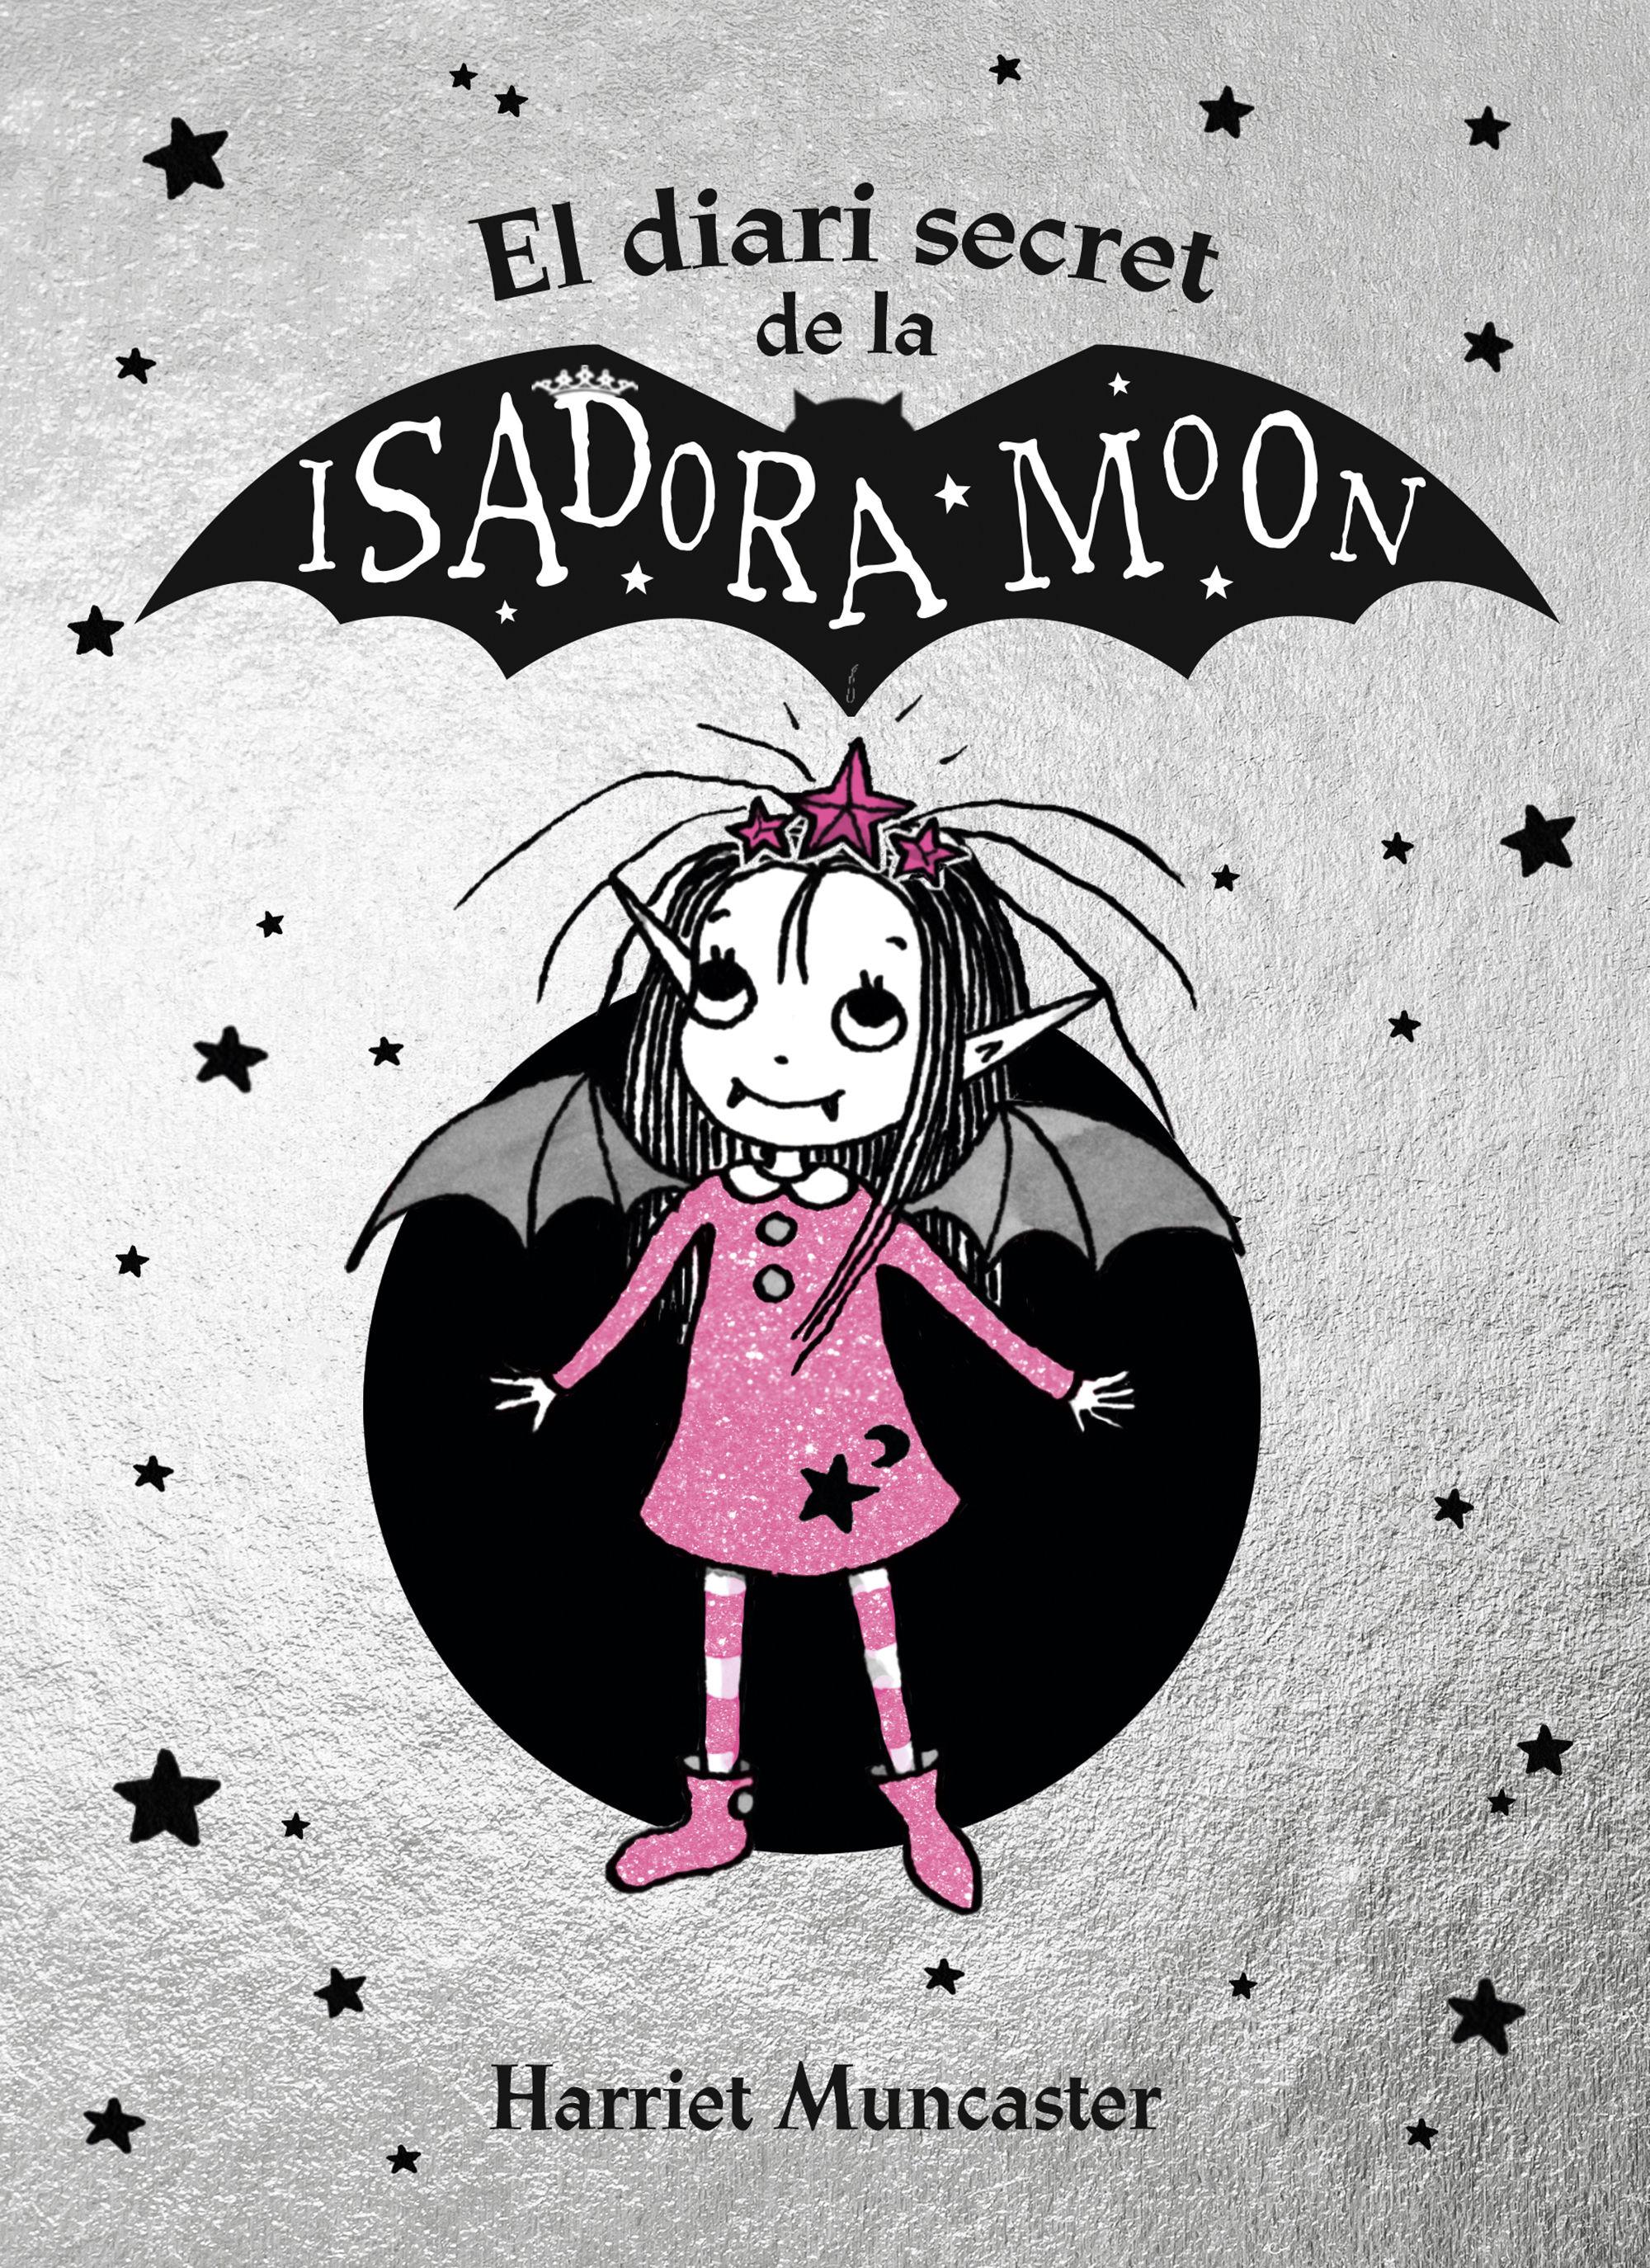 DIARI SECRET DE LA ISADORA MOON